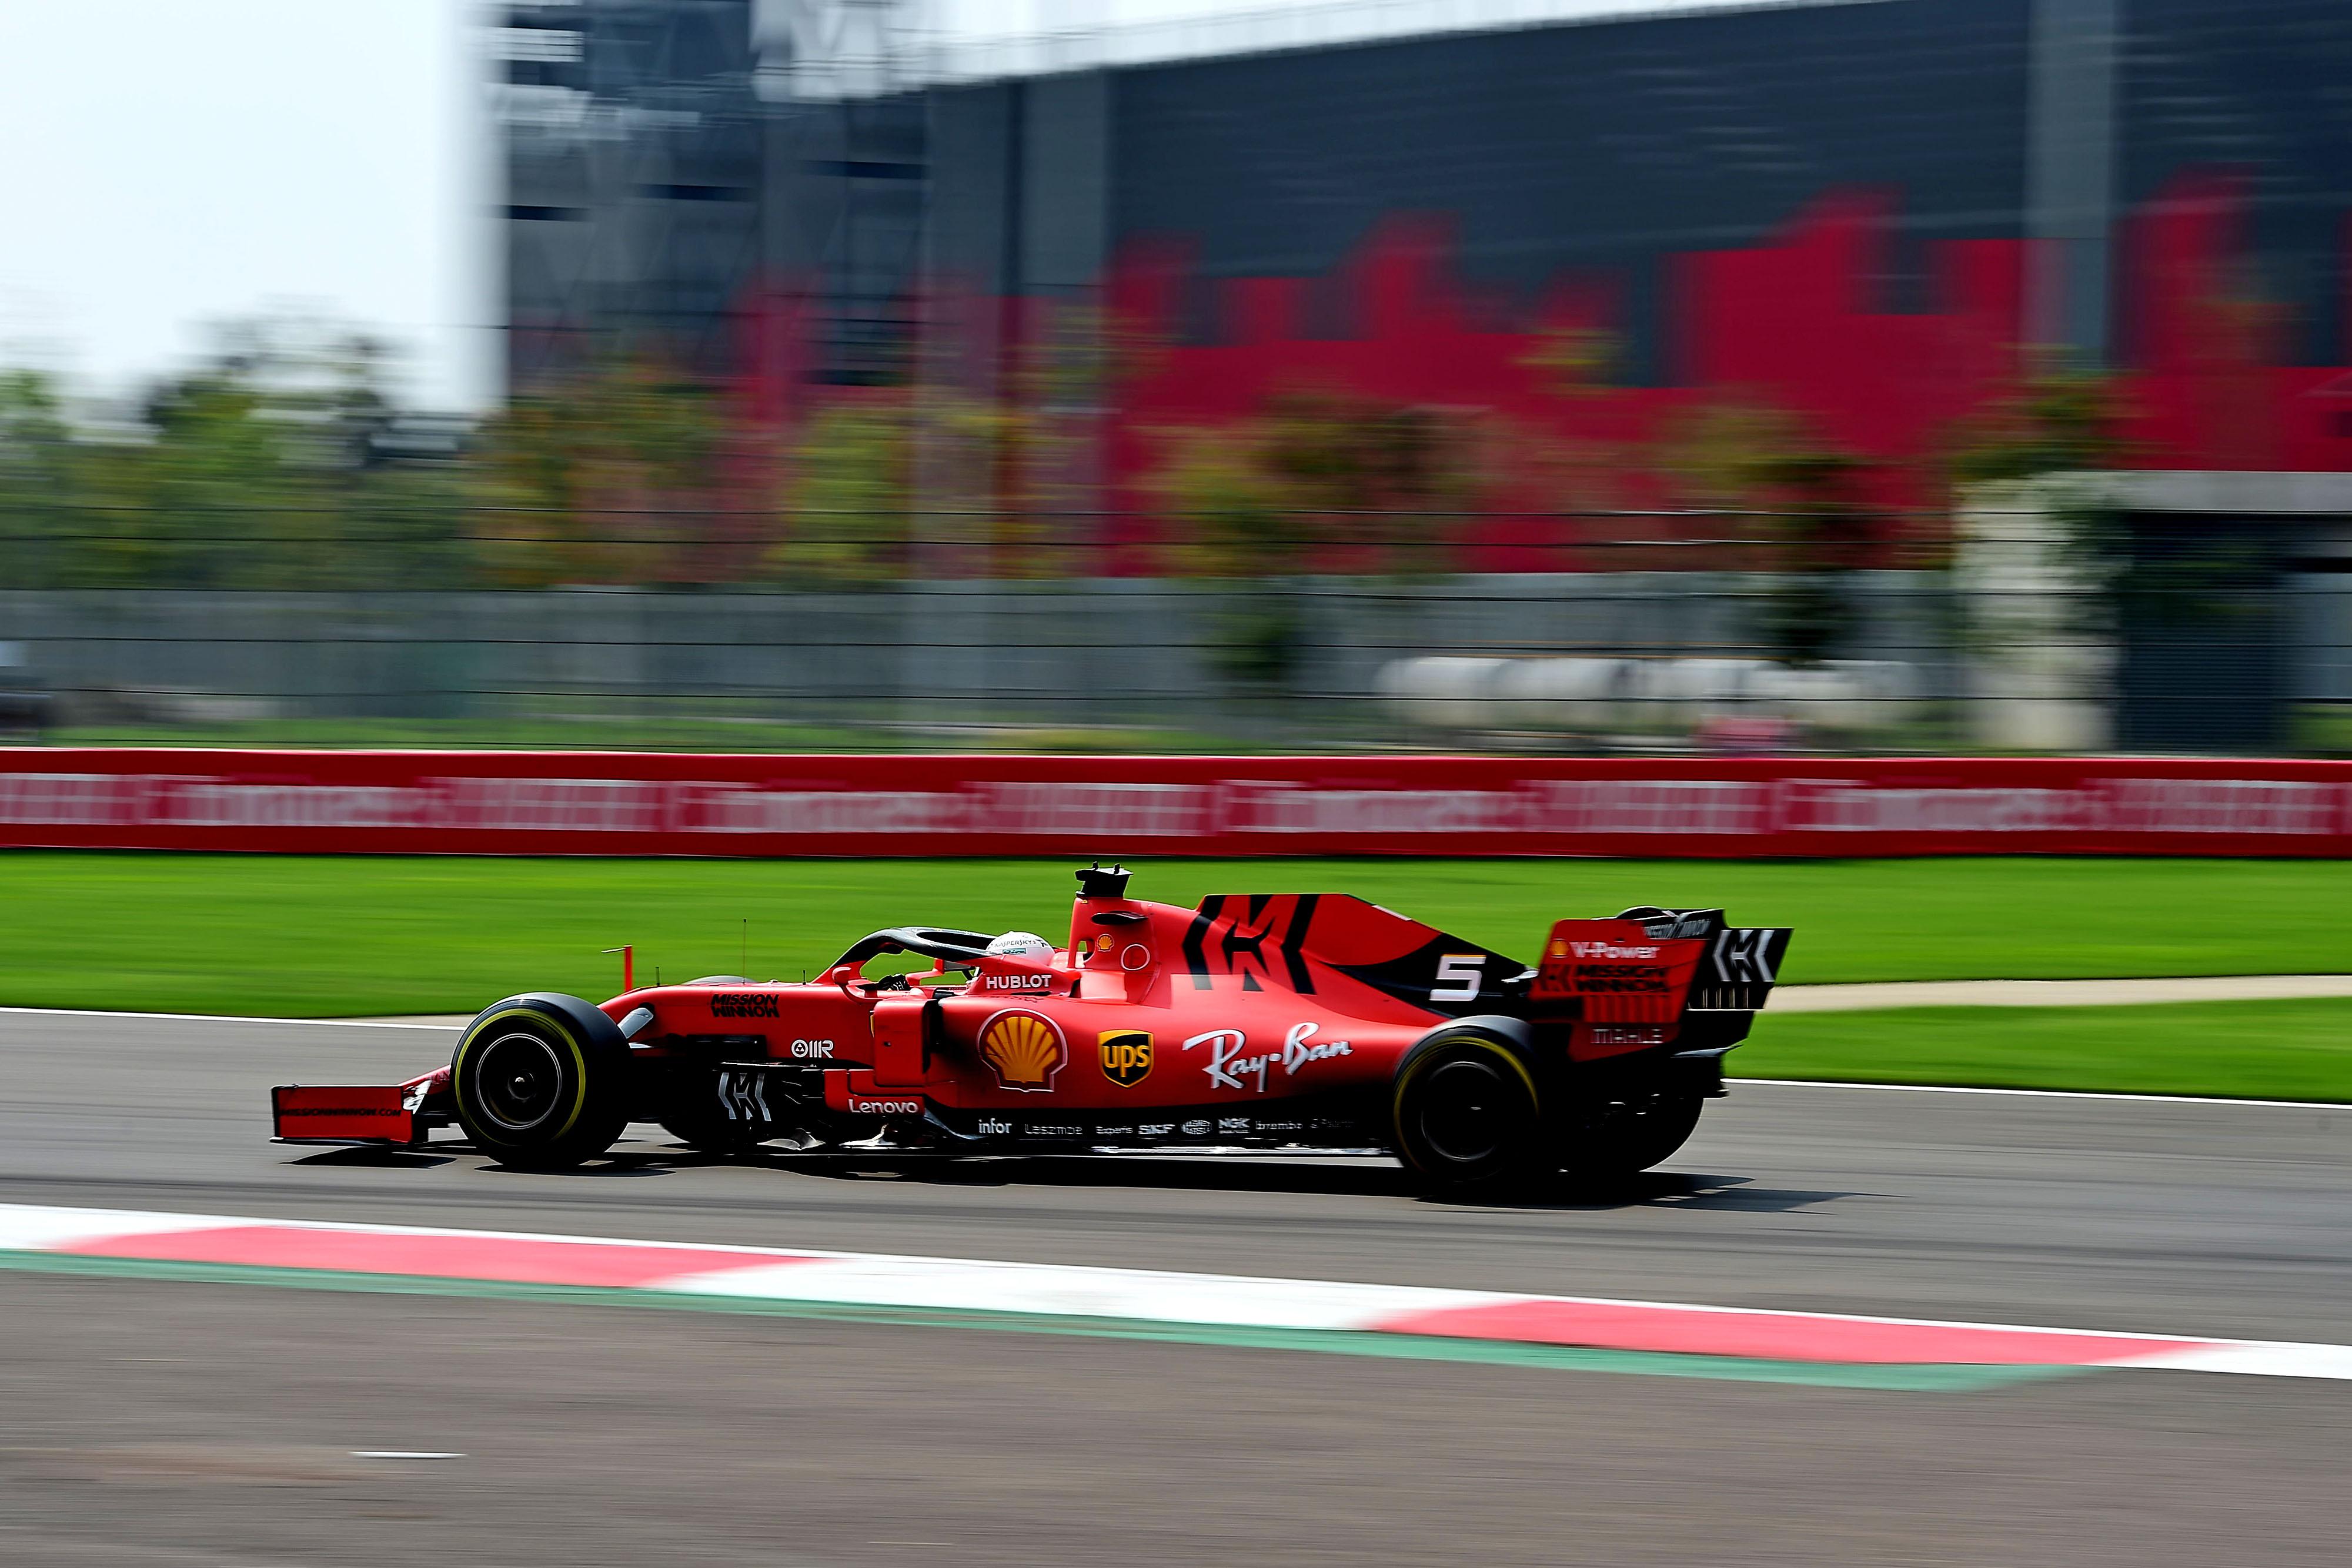 Videó: Az idei F1-es Ferrarit is beindították!